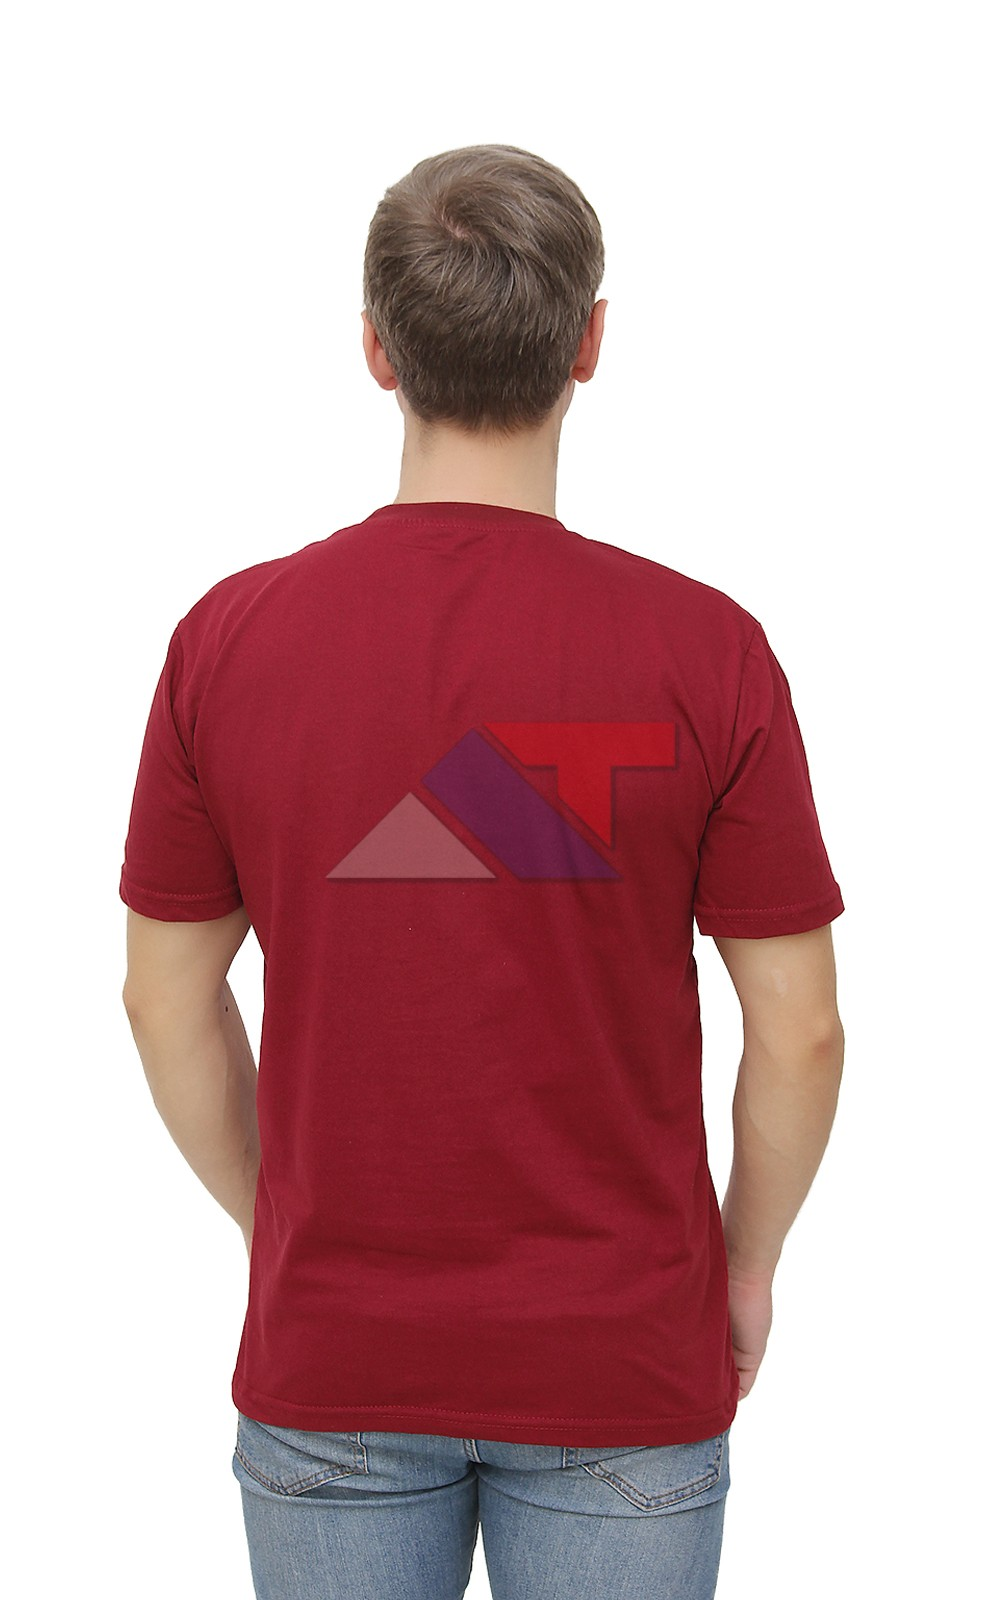 777e03dbdd5d ... Футболка кулирка цвет бордо в оптово-розничном интернет-магазине из  Иваново. Футболка кулирка